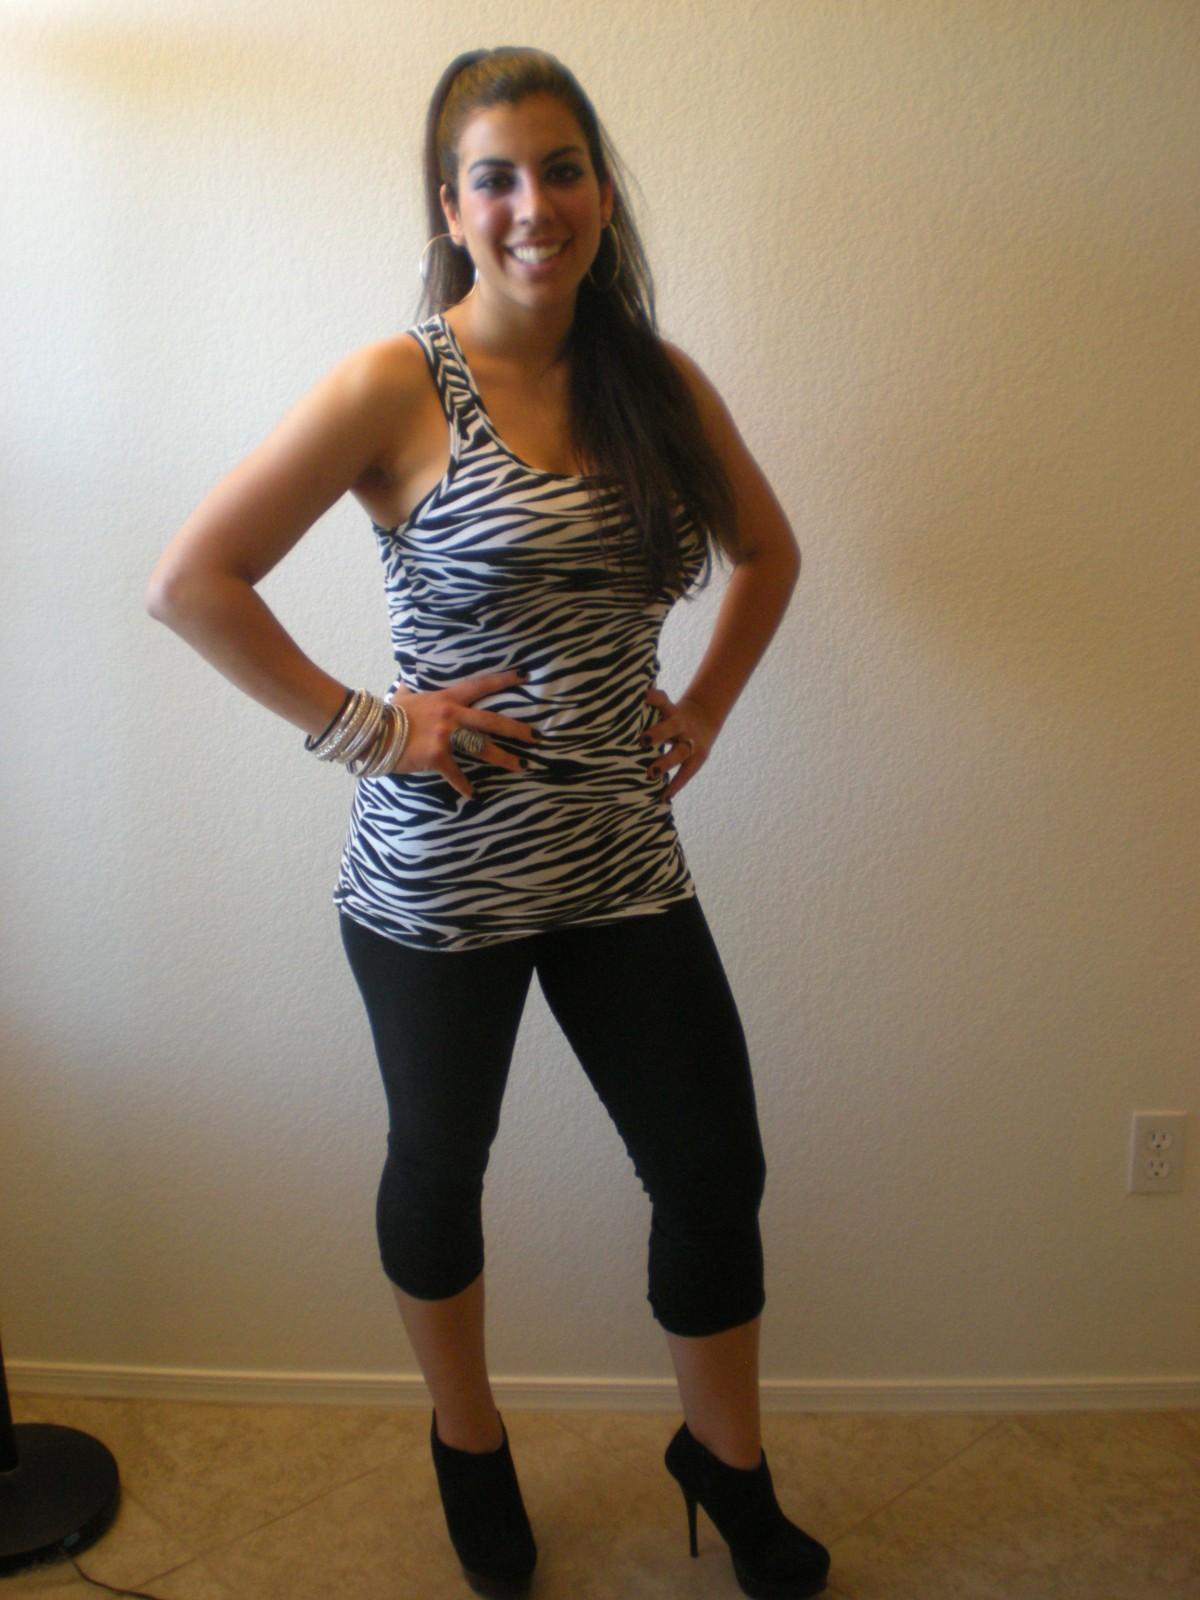 LittlestMartha dressed a Zebra for a Safari-themed pub crawl